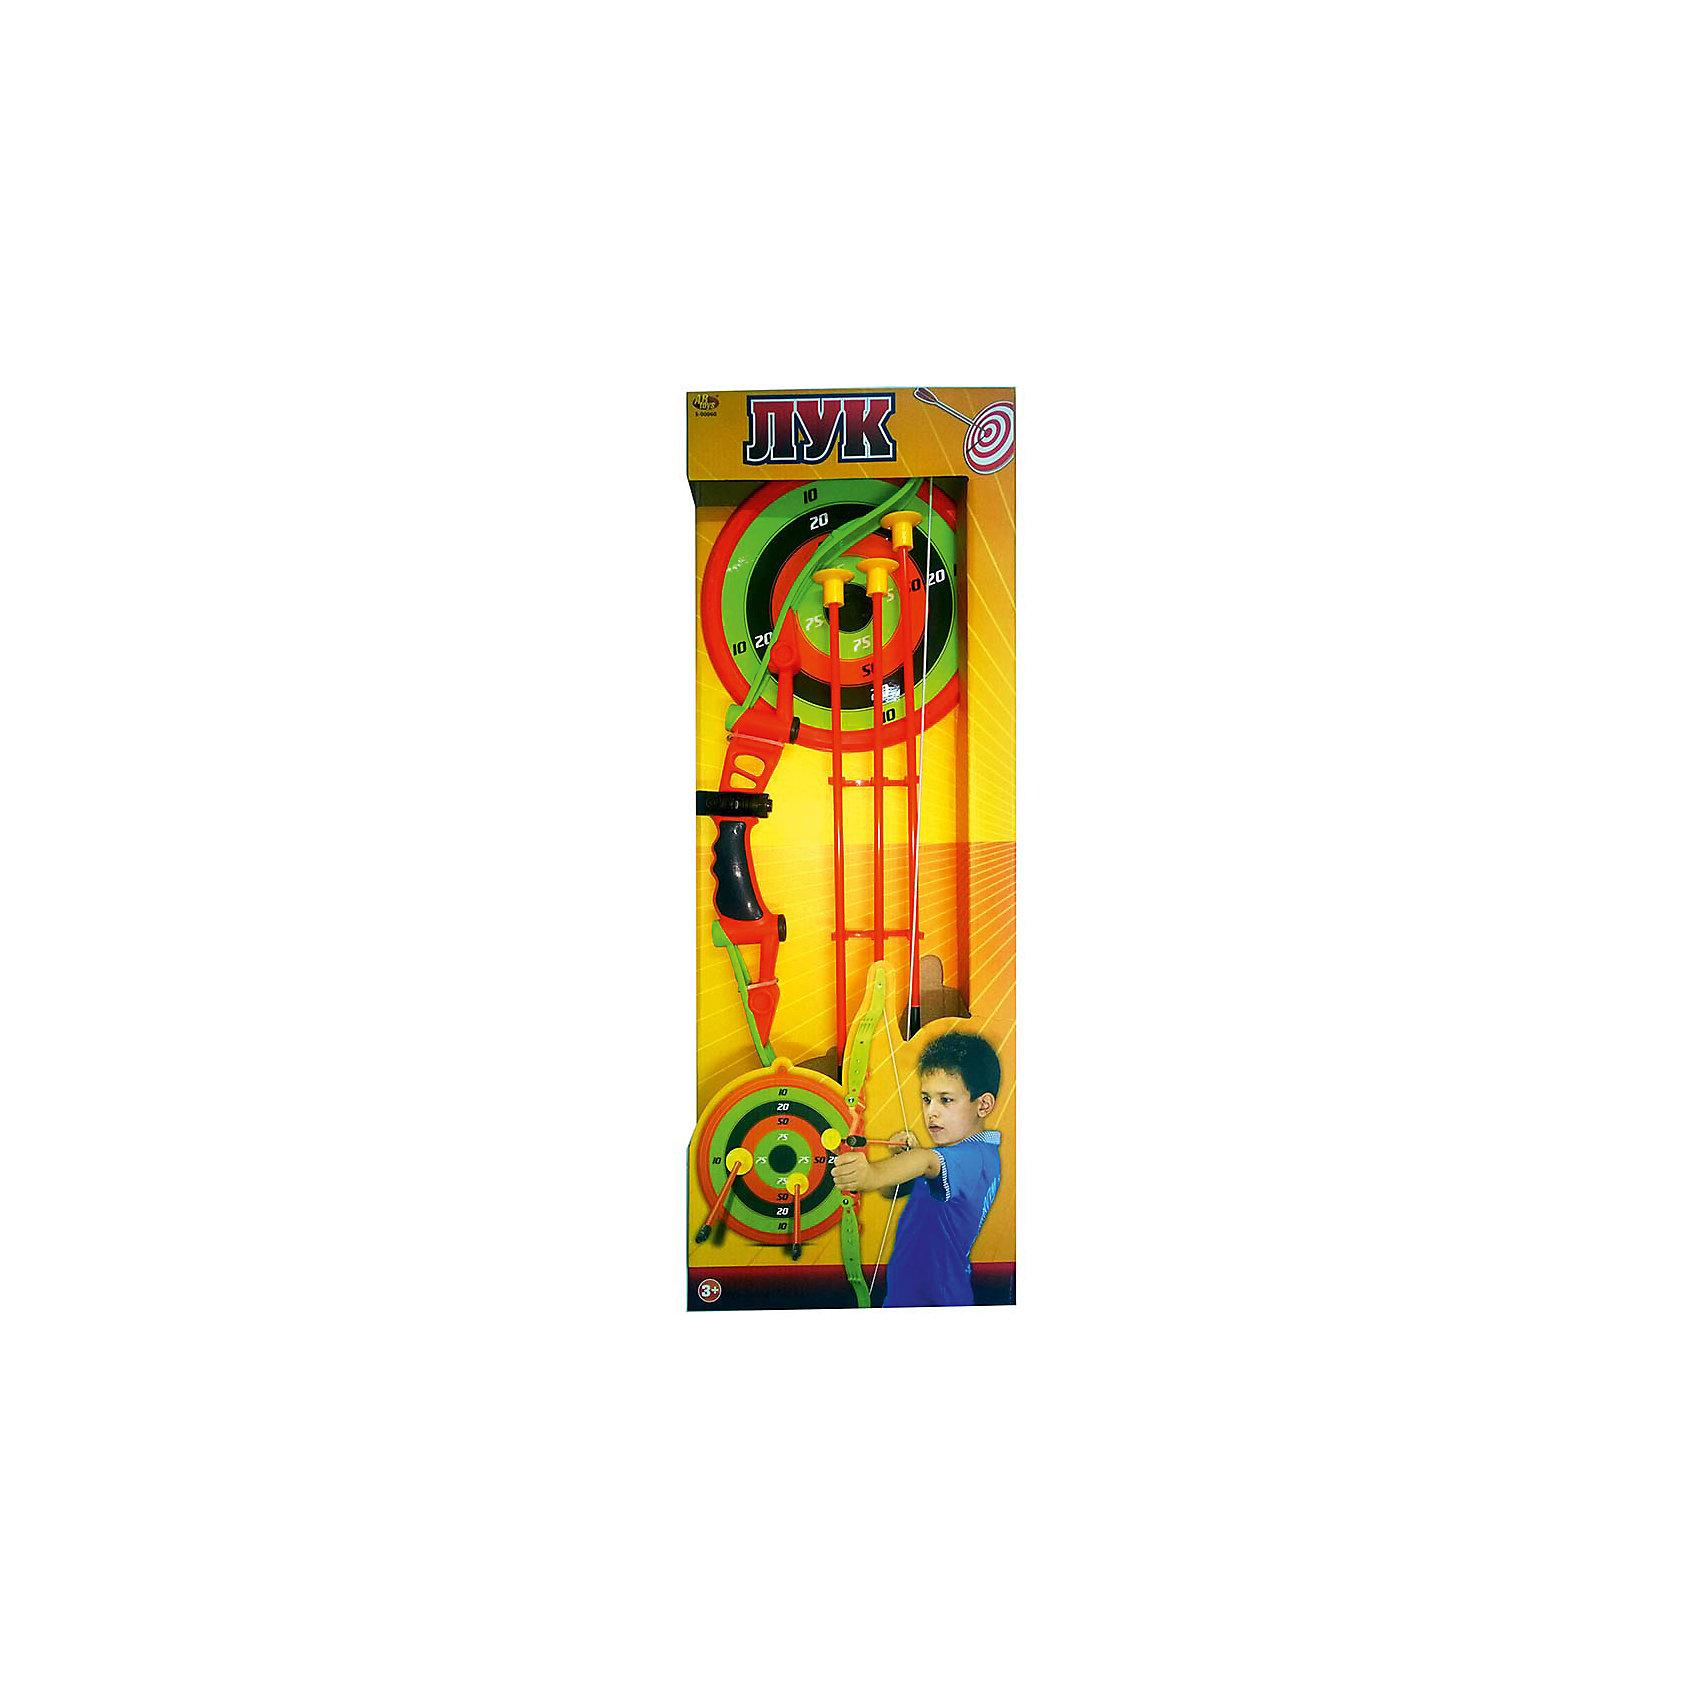 Лук со стрелами на присосках (3 стрелы, лук и мишень,), ABtoysСюжетно-ролевые игры<br>Лук со стрелами на присосках, в наборе 3 стрелы, лук и мишень, в коробке, 24,5х65,5х4,5 см<br><br>Ширина мм: 245<br>Глубина мм: 655<br>Высота мм: 45<br>Вес г: 611<br>Возраст от месяцев: 36<br>Возраст до месяцев: 144<br>Пол: Мужской<br>Возраст: Детский<br>SKU: 5500947